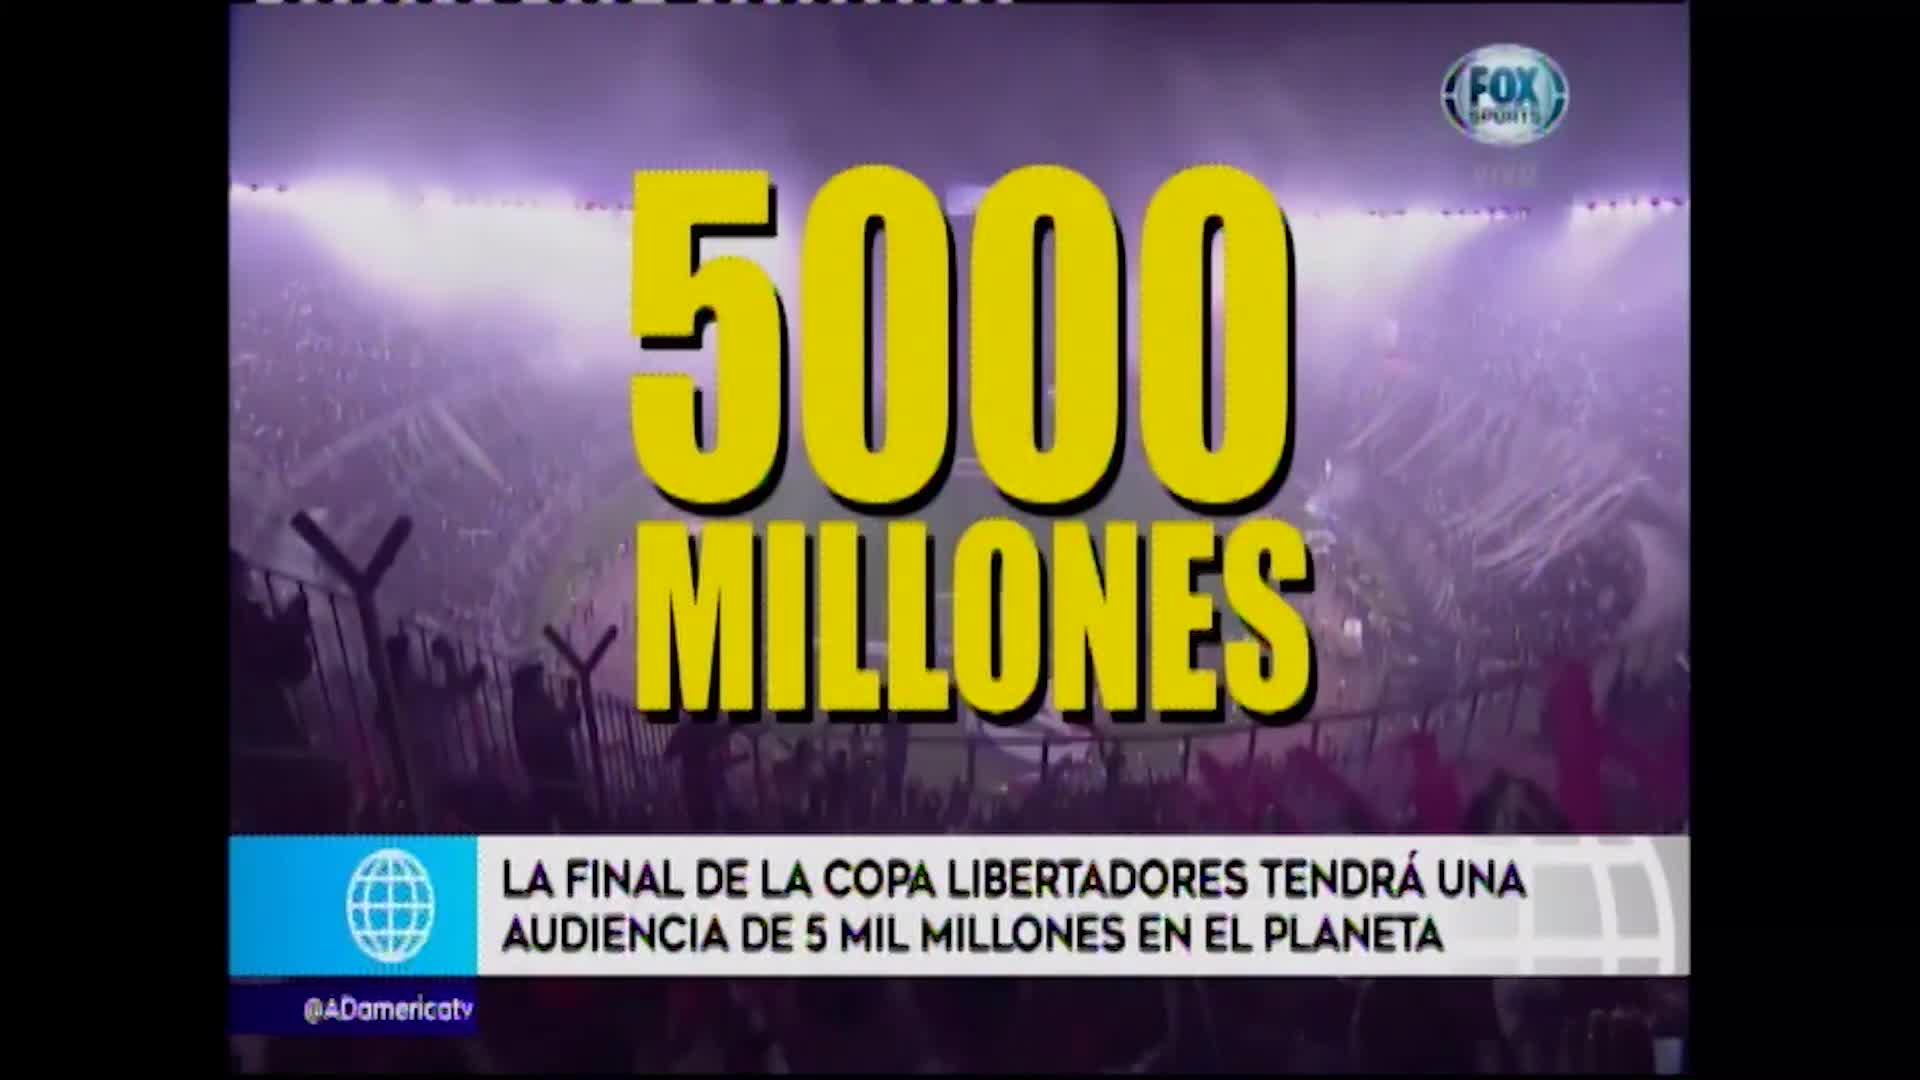 Conmebol anuncia audiencia para la final entre River Plate y Flamengo, más de 5,000 millones de personas